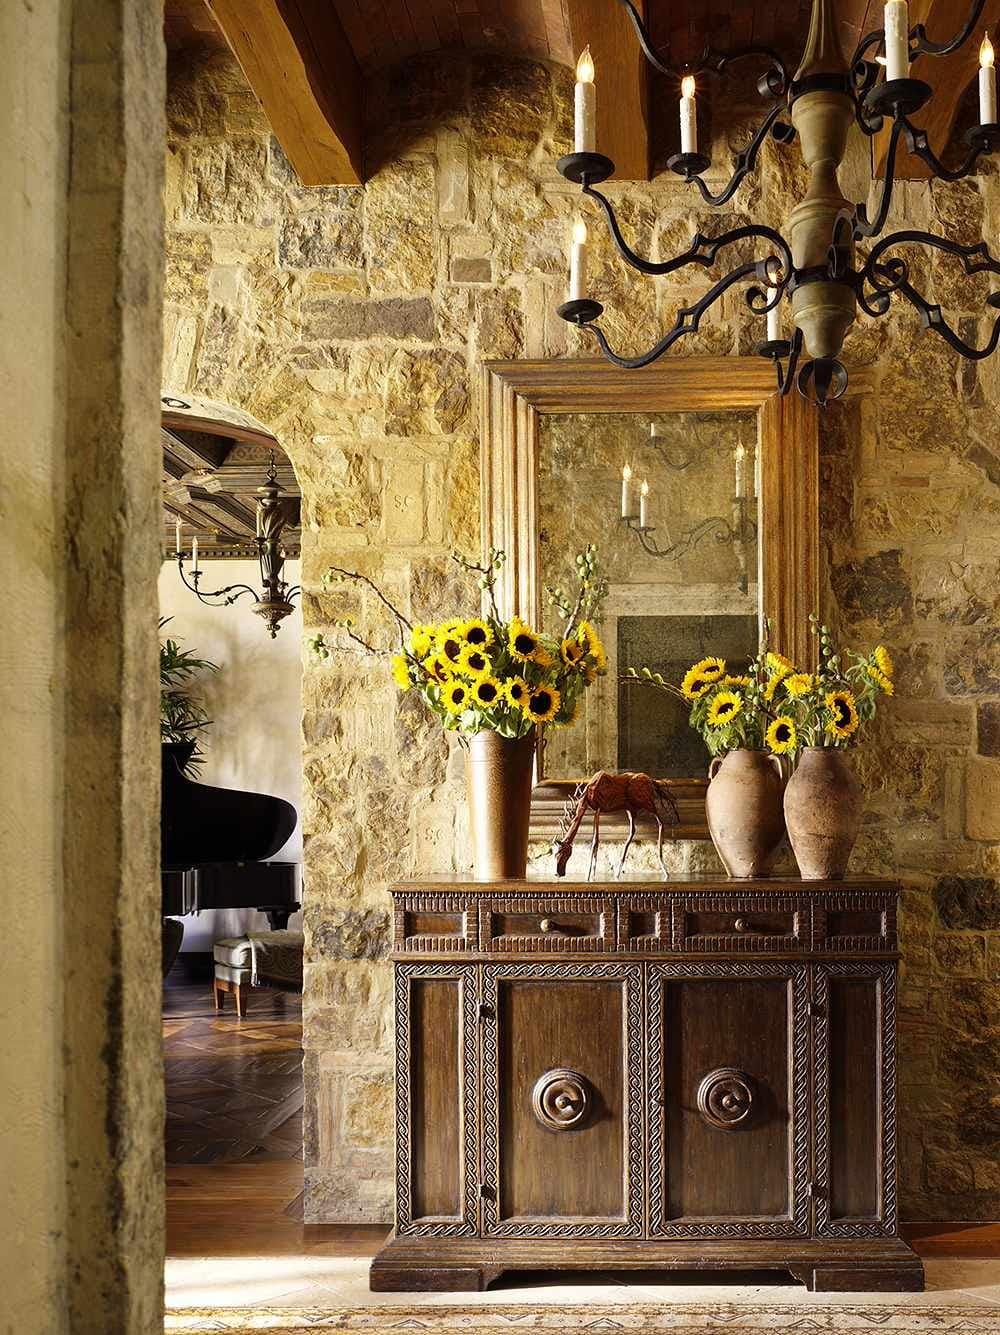 Варианты интерьера в прихожей - камень, ламинат, плитка, фреска 192